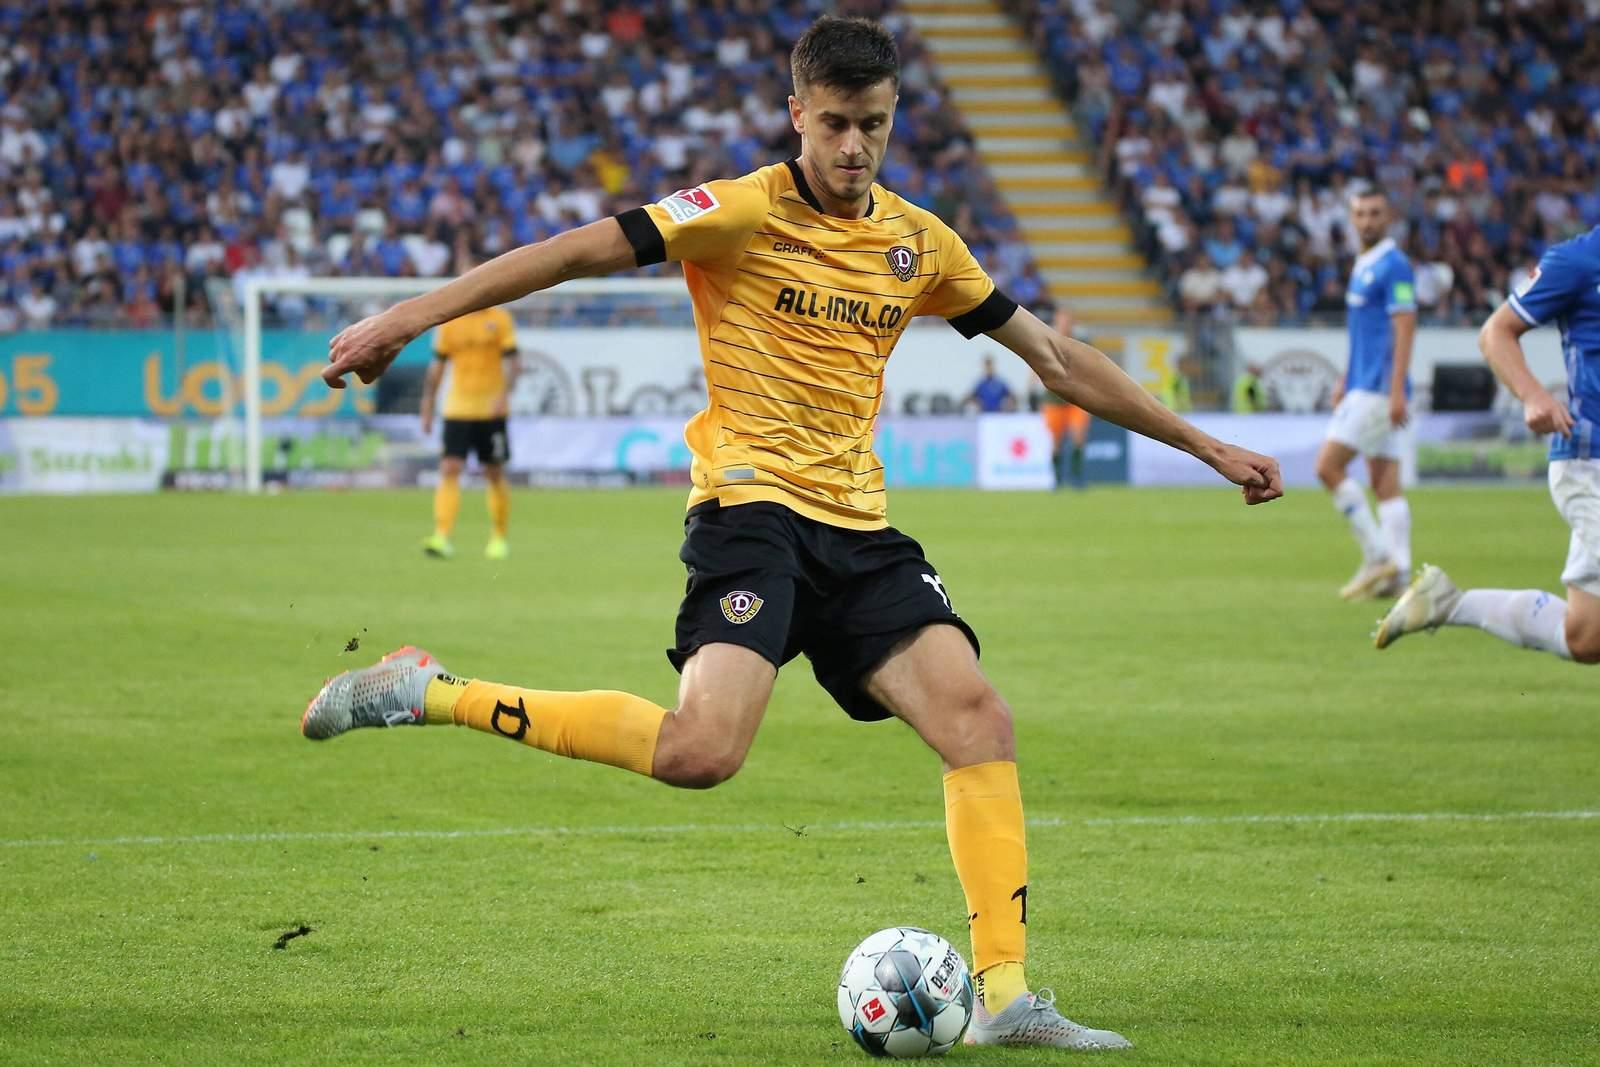 Alexander Jeremejeff von Dynamo Dresden